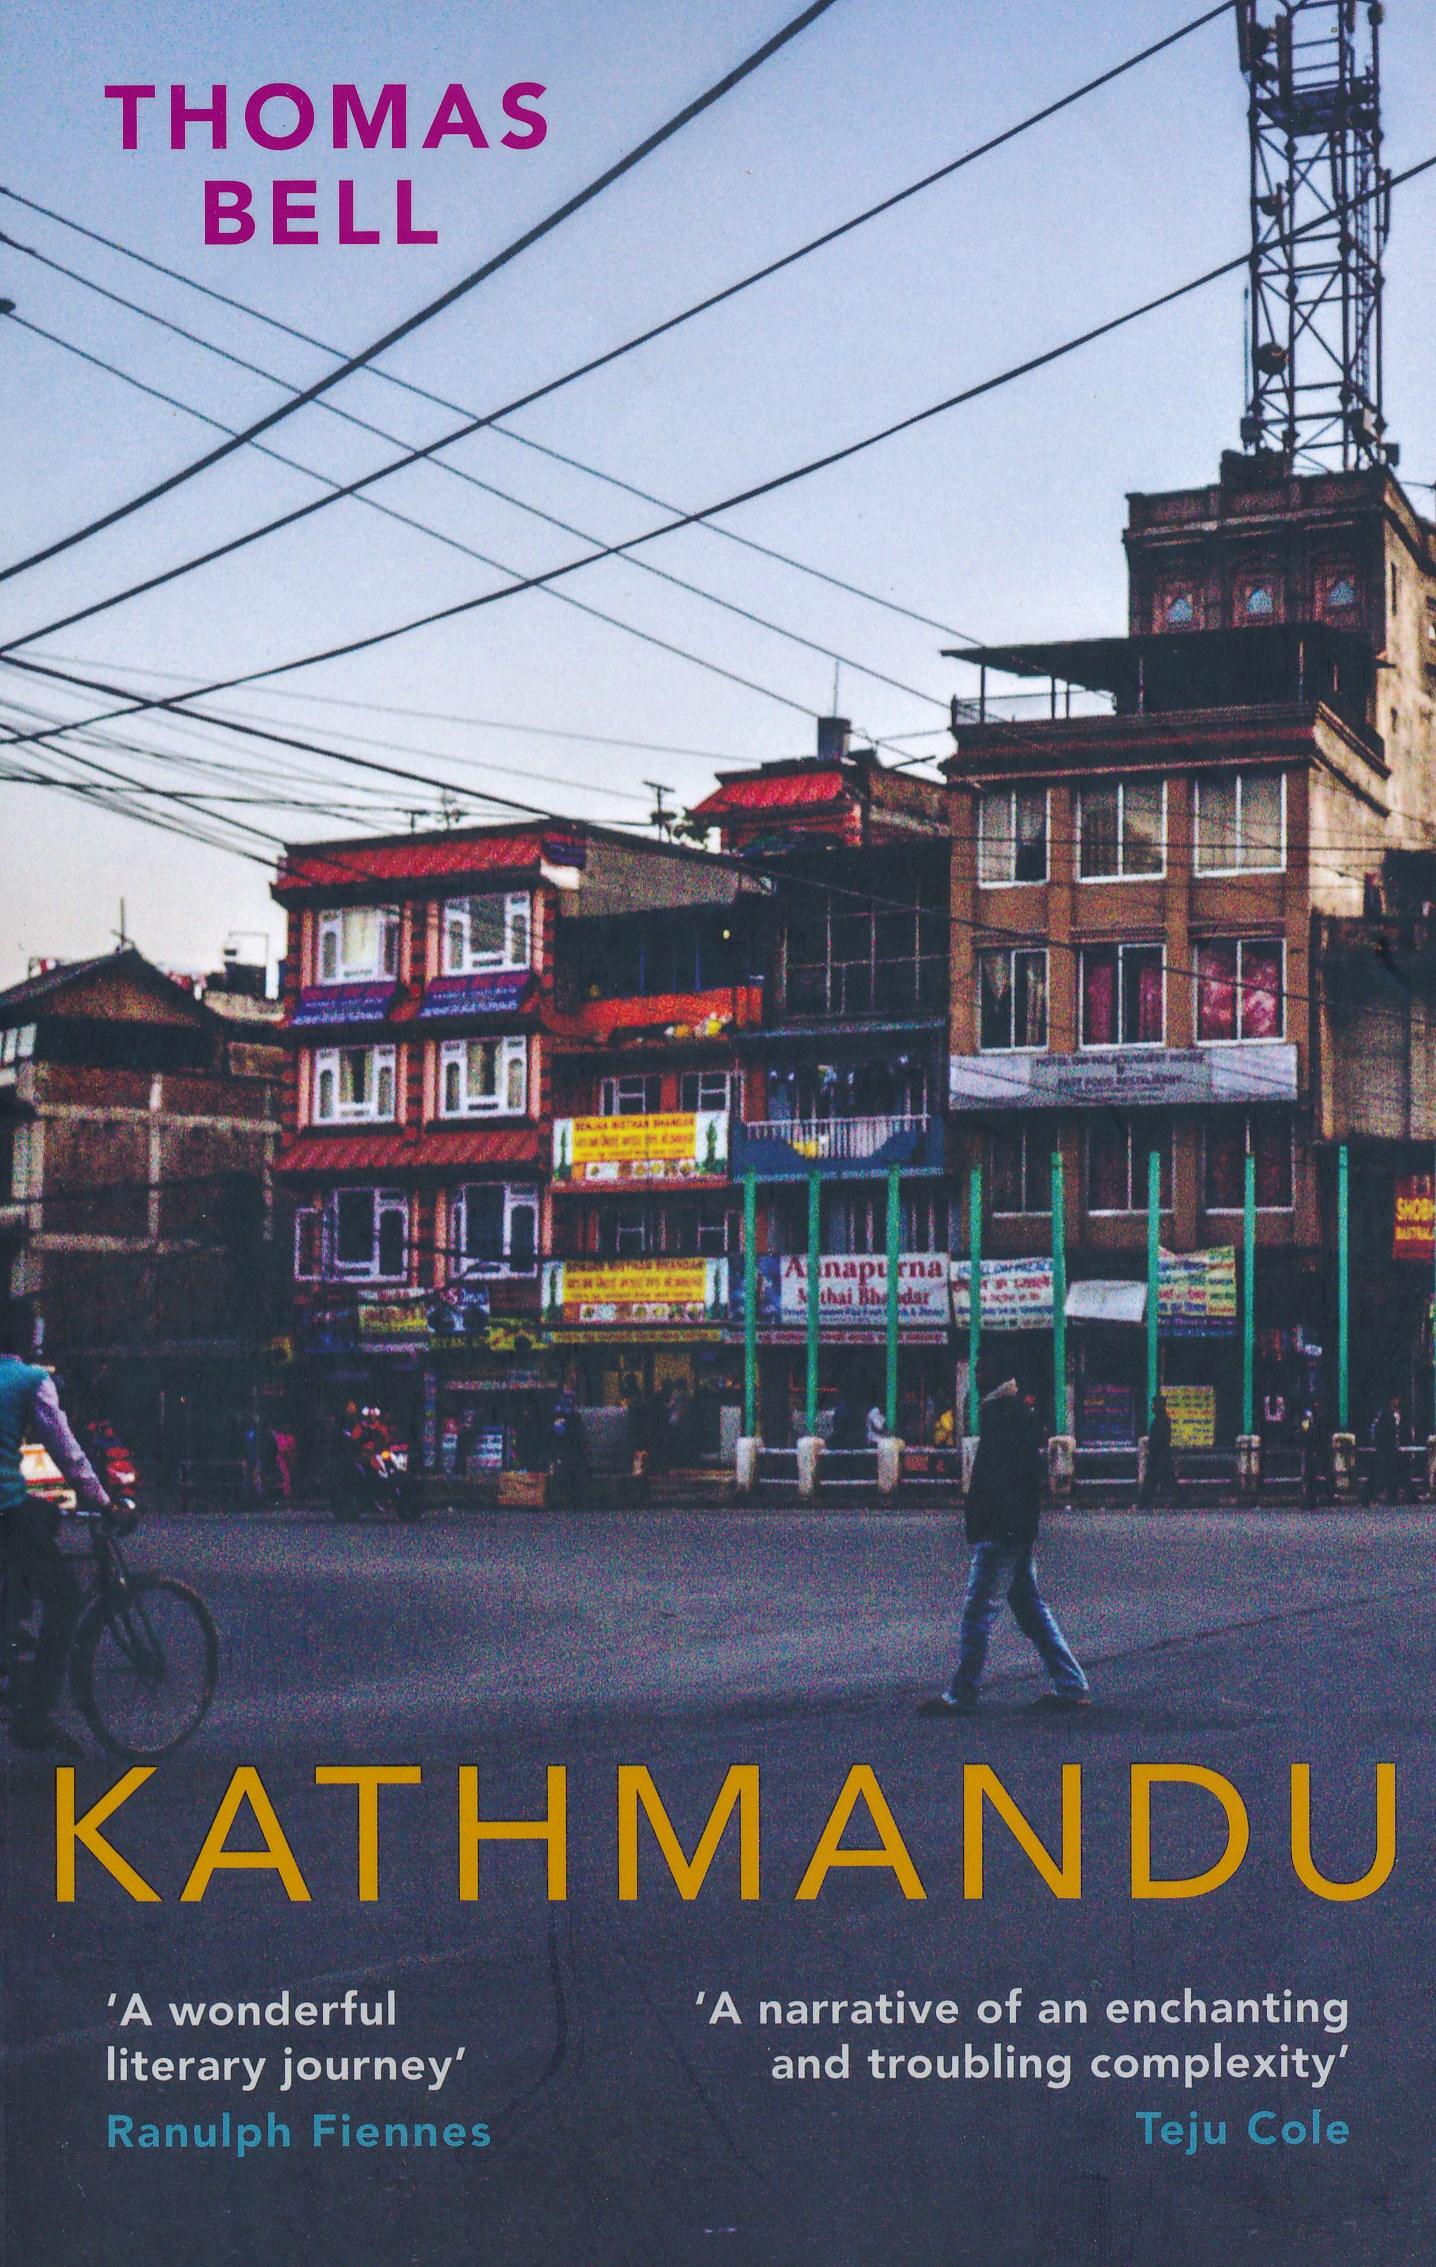 Reisverhaal Kathmandu | Thomas Bell <br/>€ 24.95 <br/> <a href='https://www.dezwerver.nl/reisgidsen/?tt=1554_252853_241358_&r=https%3A%2F%2Fwww.dezwerver.nl%2Fr%2Fazie%2Fnepal%2Fkathmandu%2Fc%2Fboeken%2Freisverhalen%2F9781910376775%2Freisverhaal-kathmandu-thomas-bell%2F' target='_blank'>Meer Info</a>